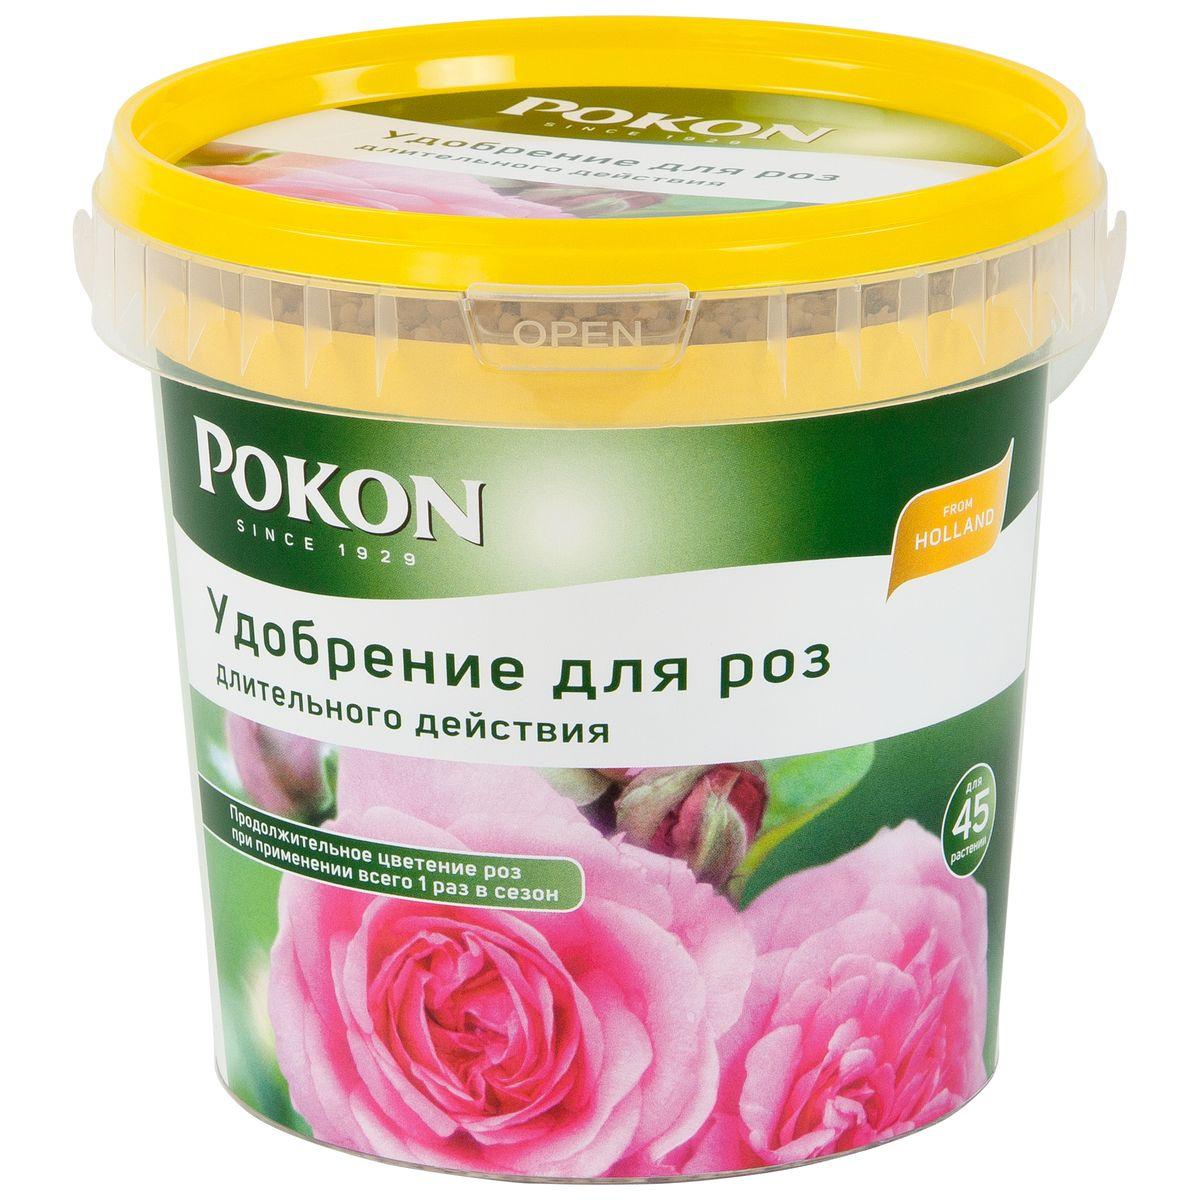 """Удобрение для роз """"Pokon"""", длительного действия, 900 г #1"""